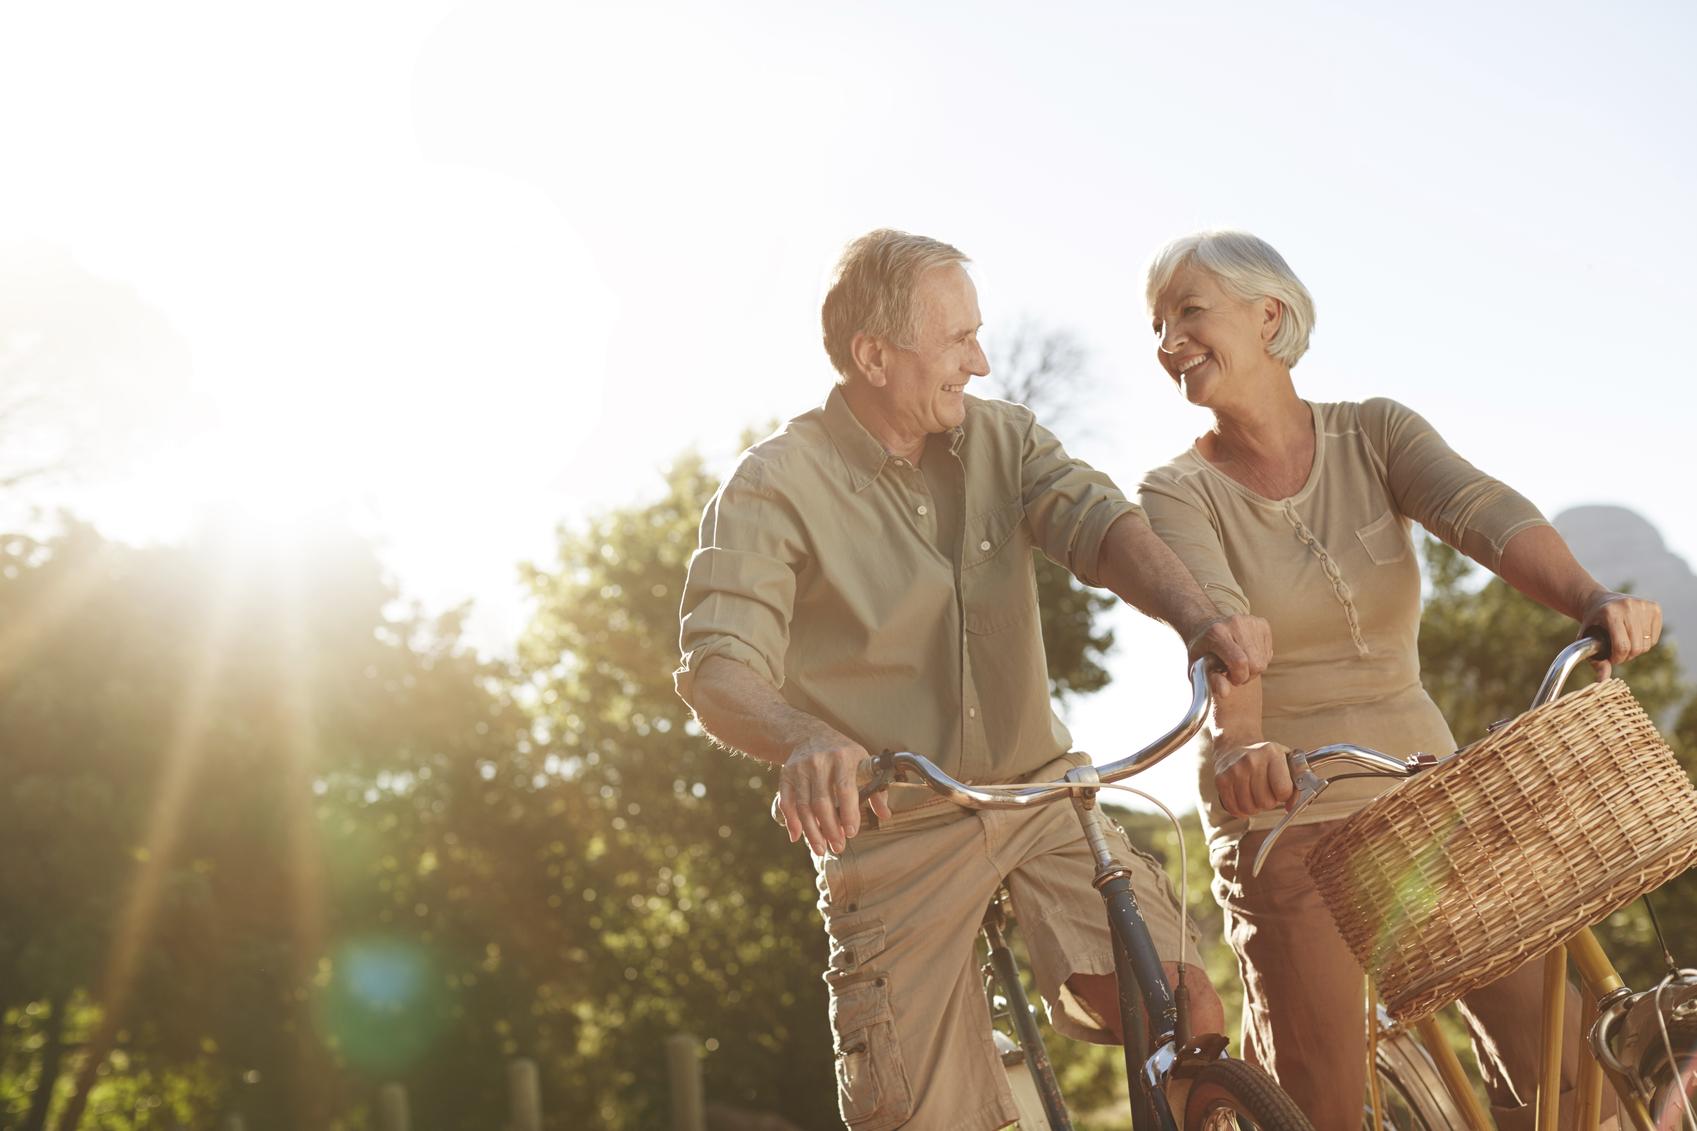 APA Activité physique adaptée - bien veillir avec le sport